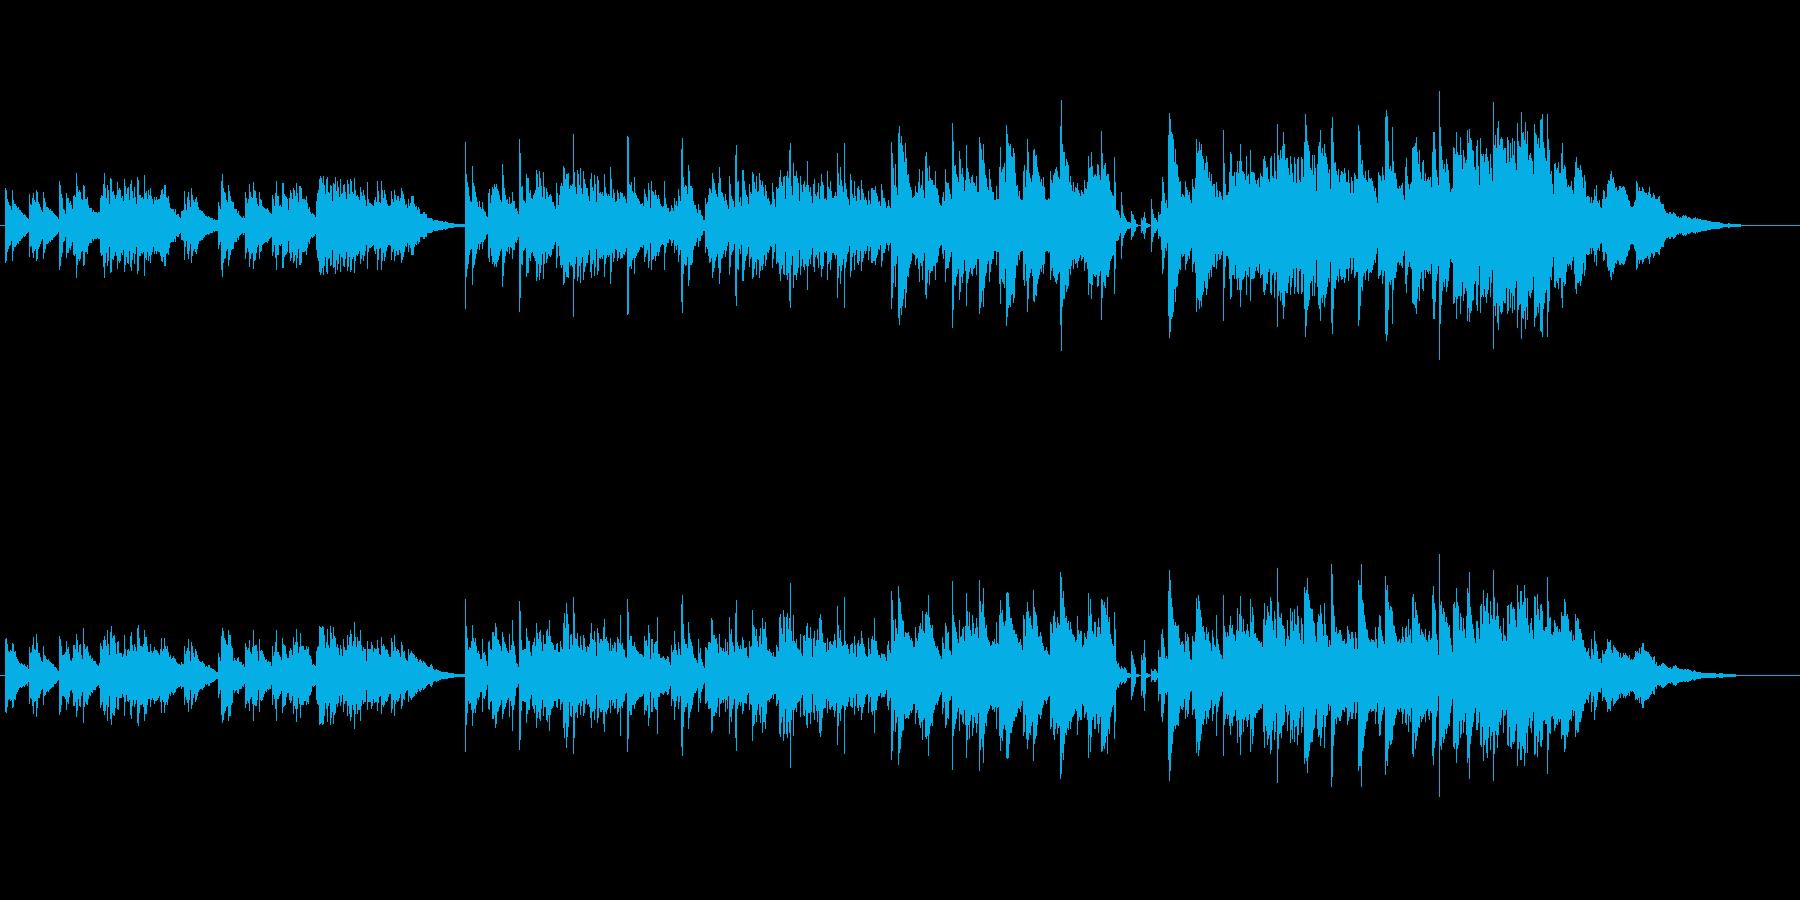 哀愁を誘うニューミュージック風バラードの再生済みの波形